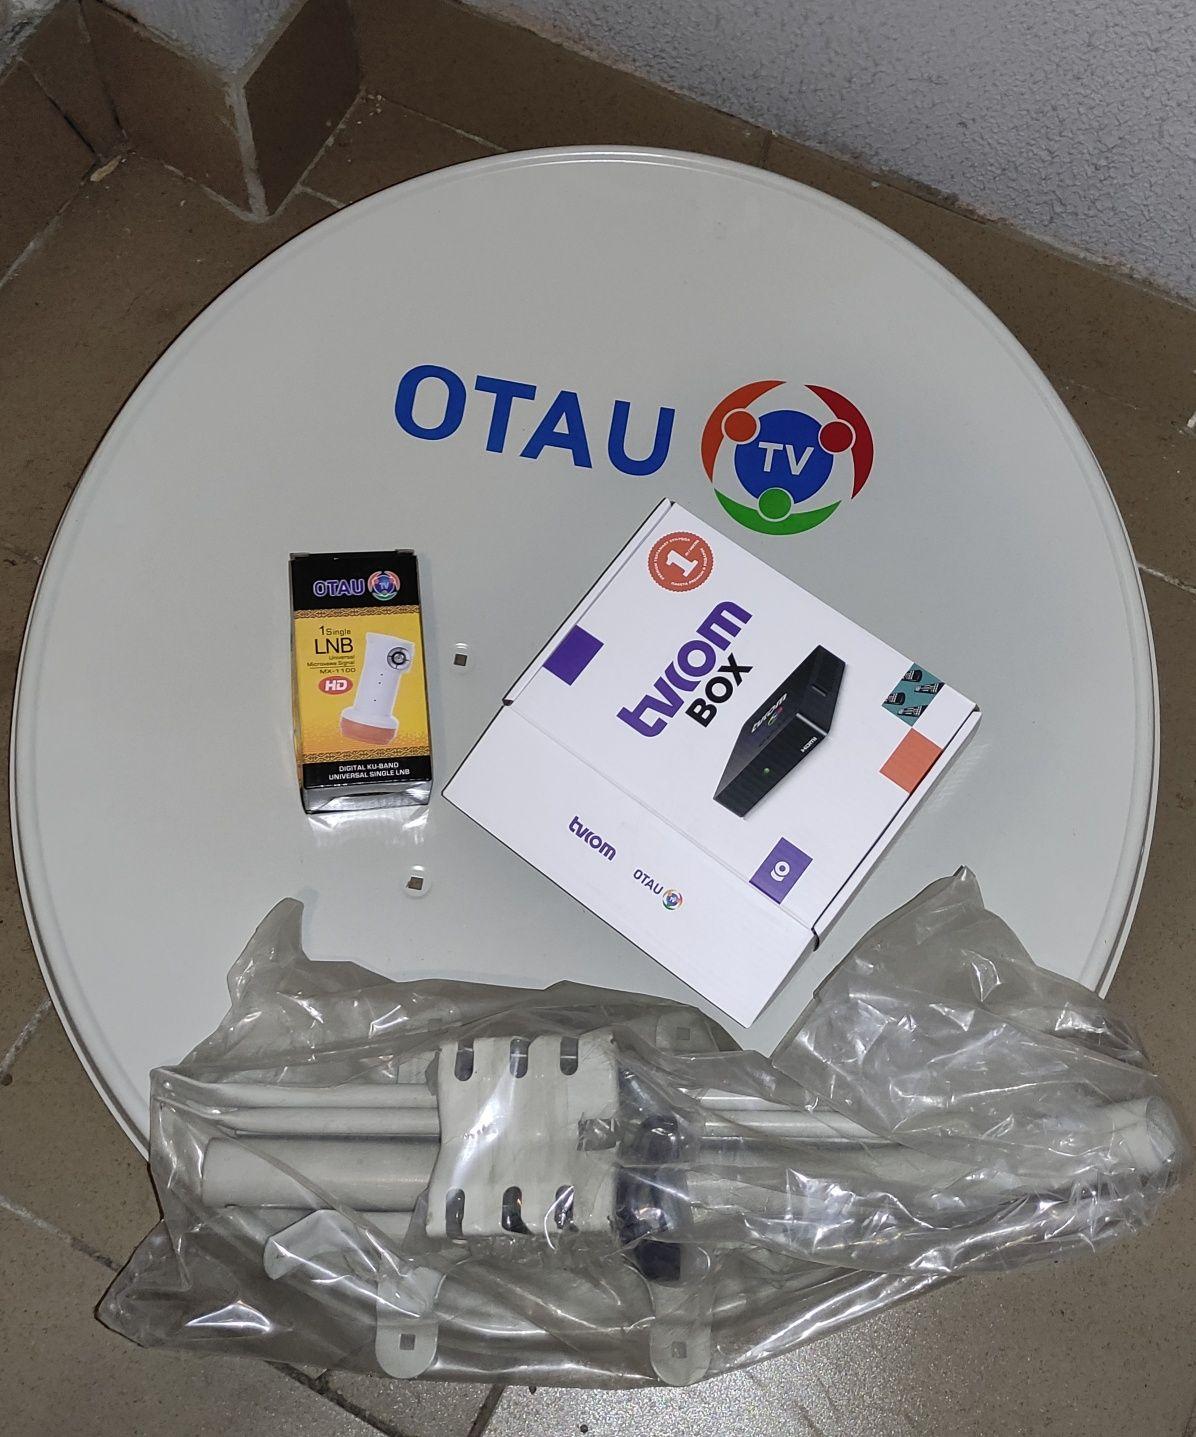 Otau Tv новый продам. Установшык есть. Отау тв  жана